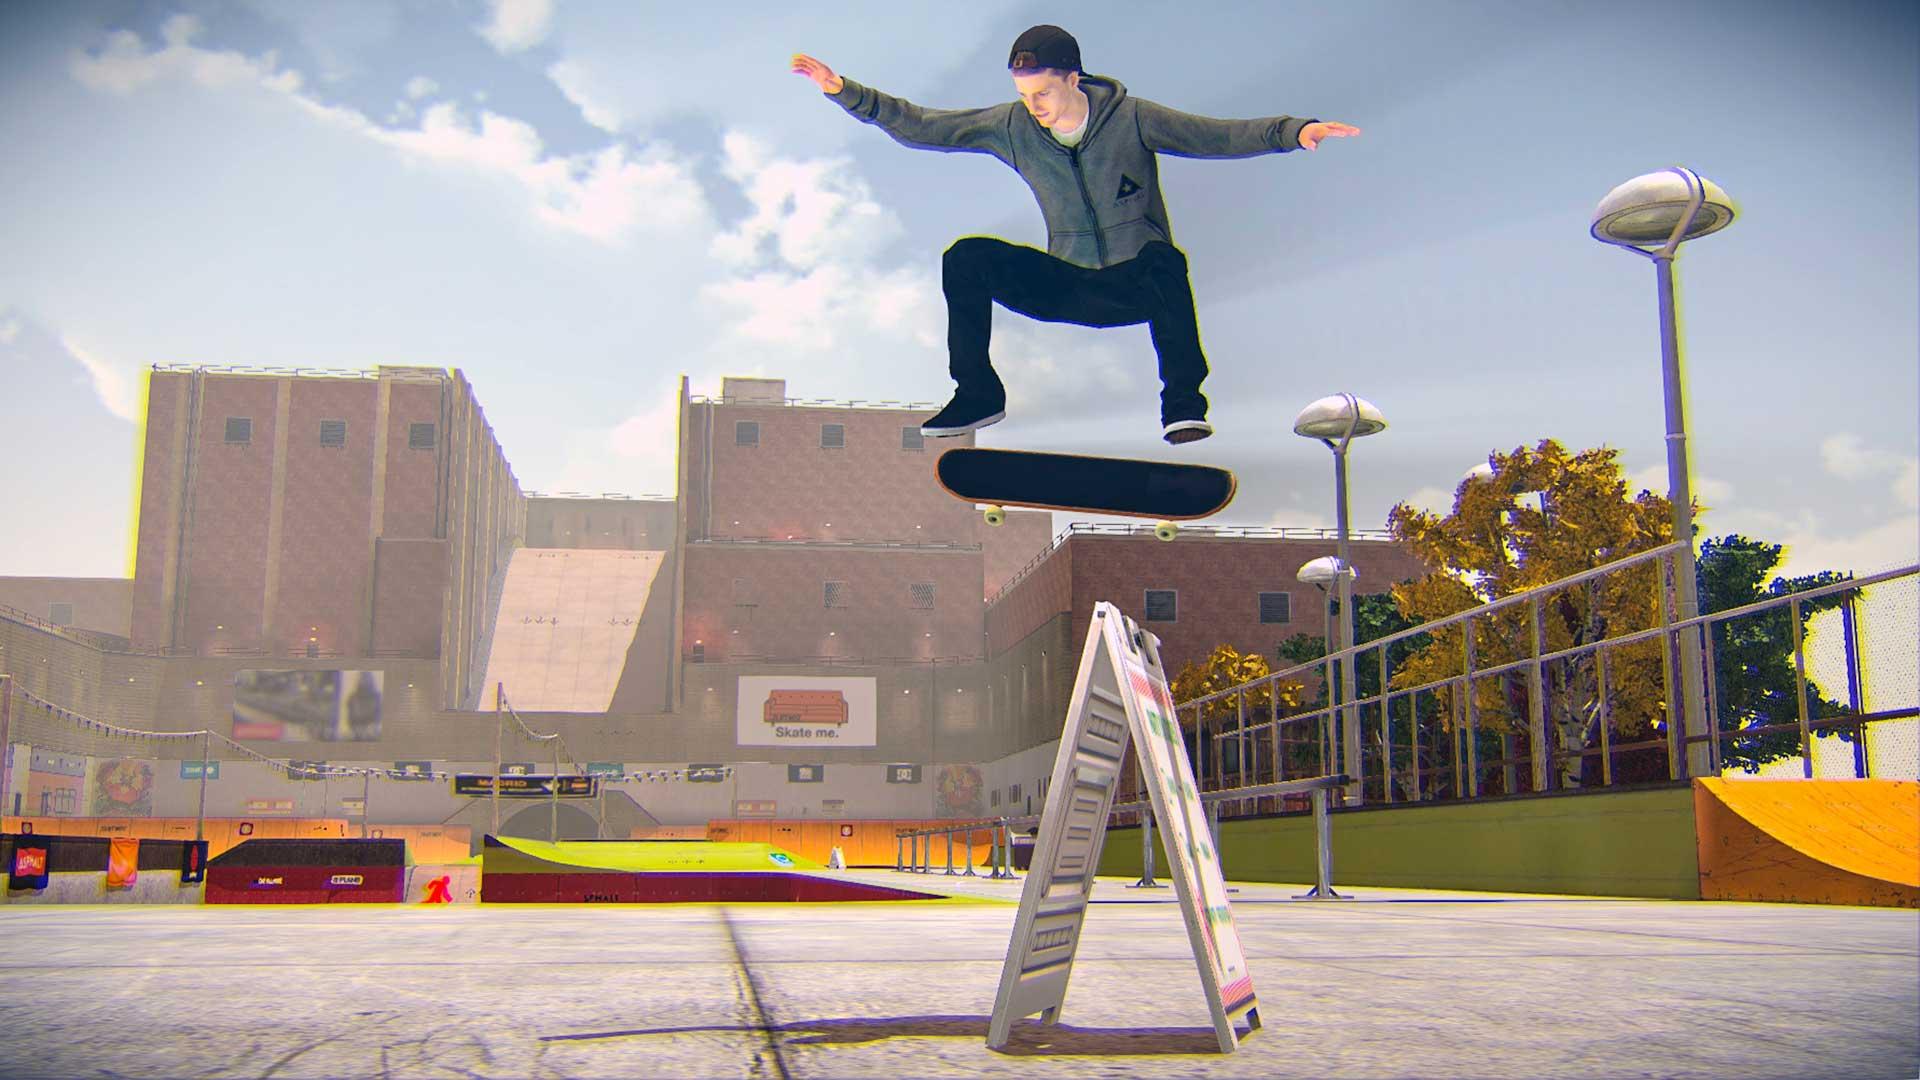 Imagen de Chad Muska protagoniza el nuevo vídeo de Tony Hawk's Pro Skater 1 + 2